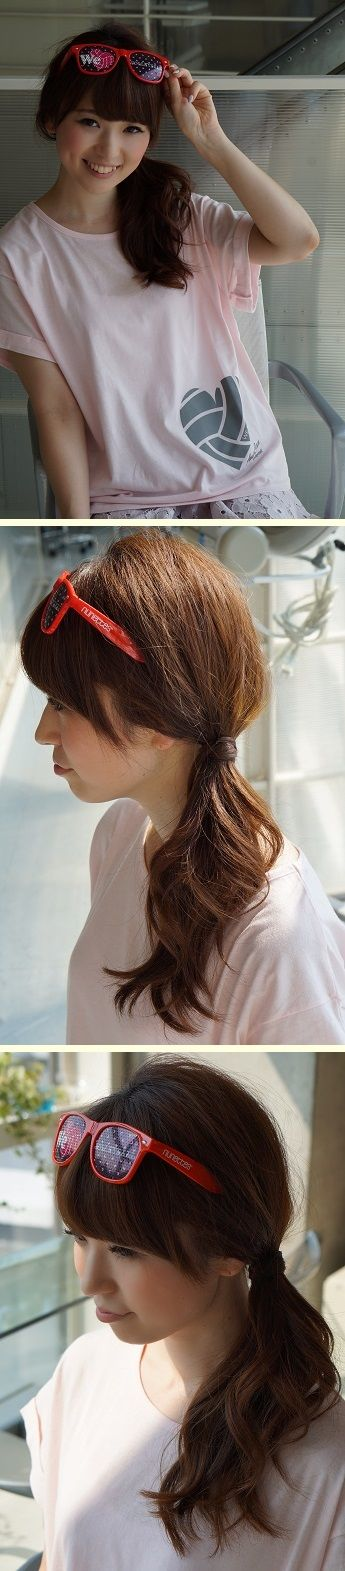 丸顔さんにおすすめサイドポニー。 かわいすぎる「スポーツ観戦ヘア」アレンジ実例7つ フェスやライブなどアクティブな日におすすめ☆ #髪型 #ヘアスタイル #ヘアアレンジ #hairstyle